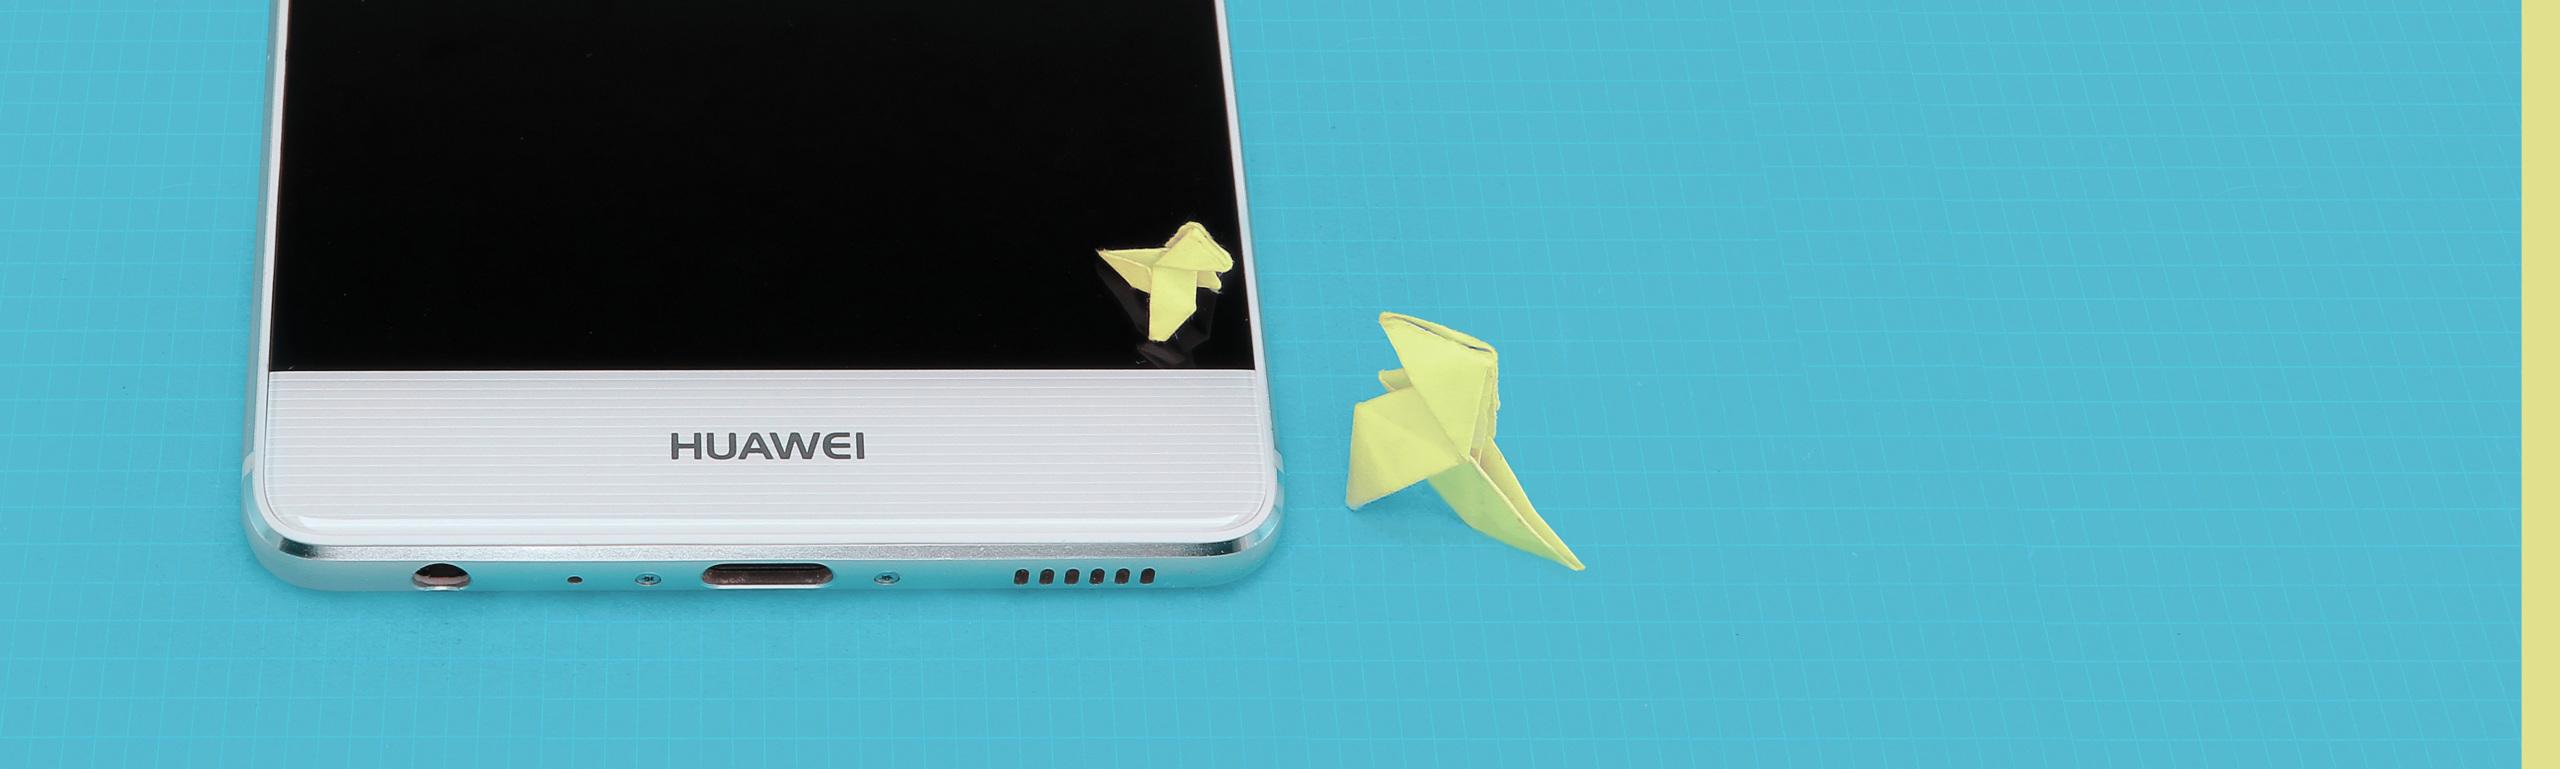 Foto de Huawei P9 (7/11)